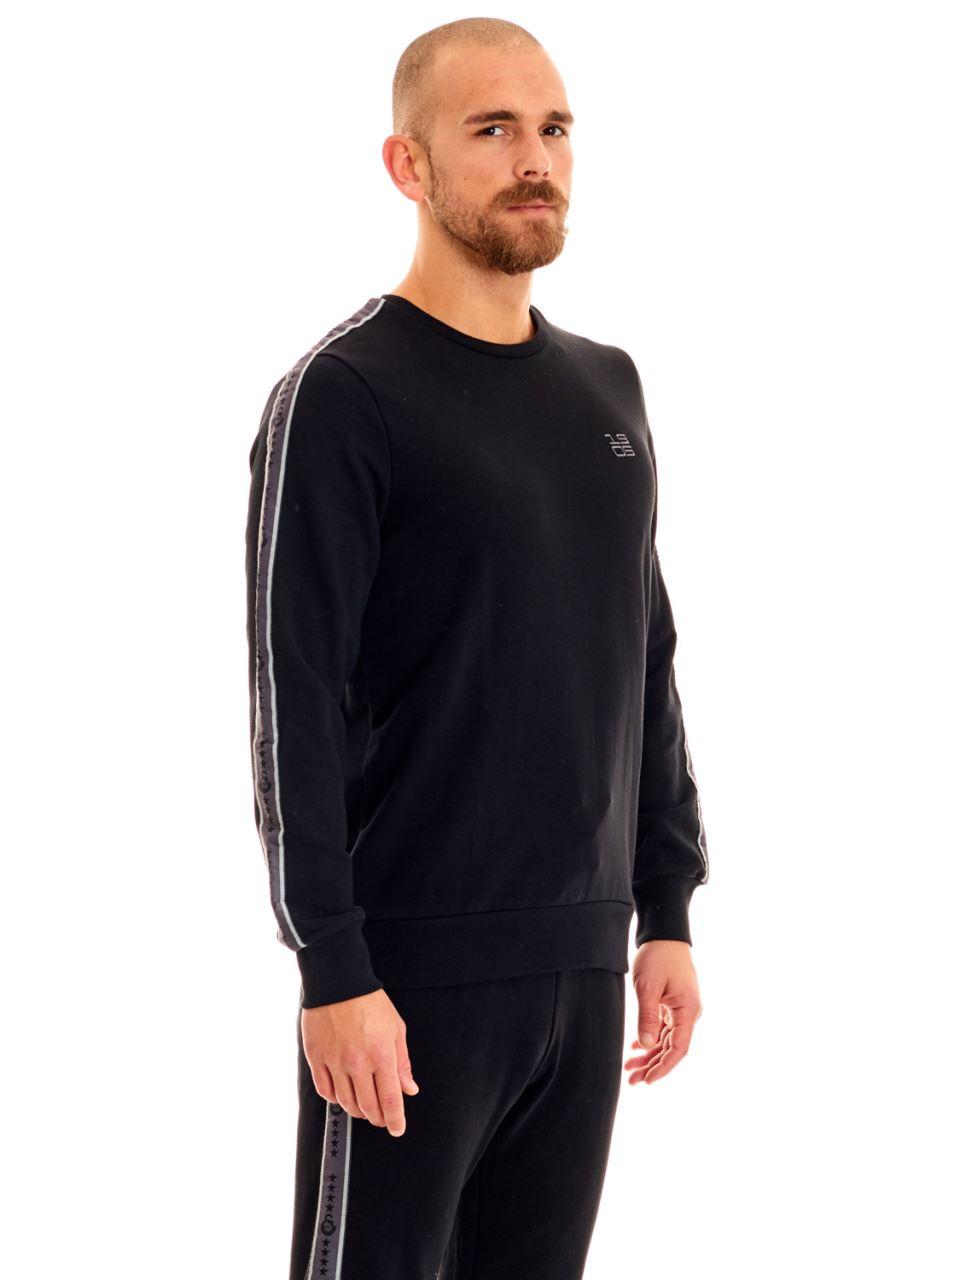 E95270 Sweatshirt